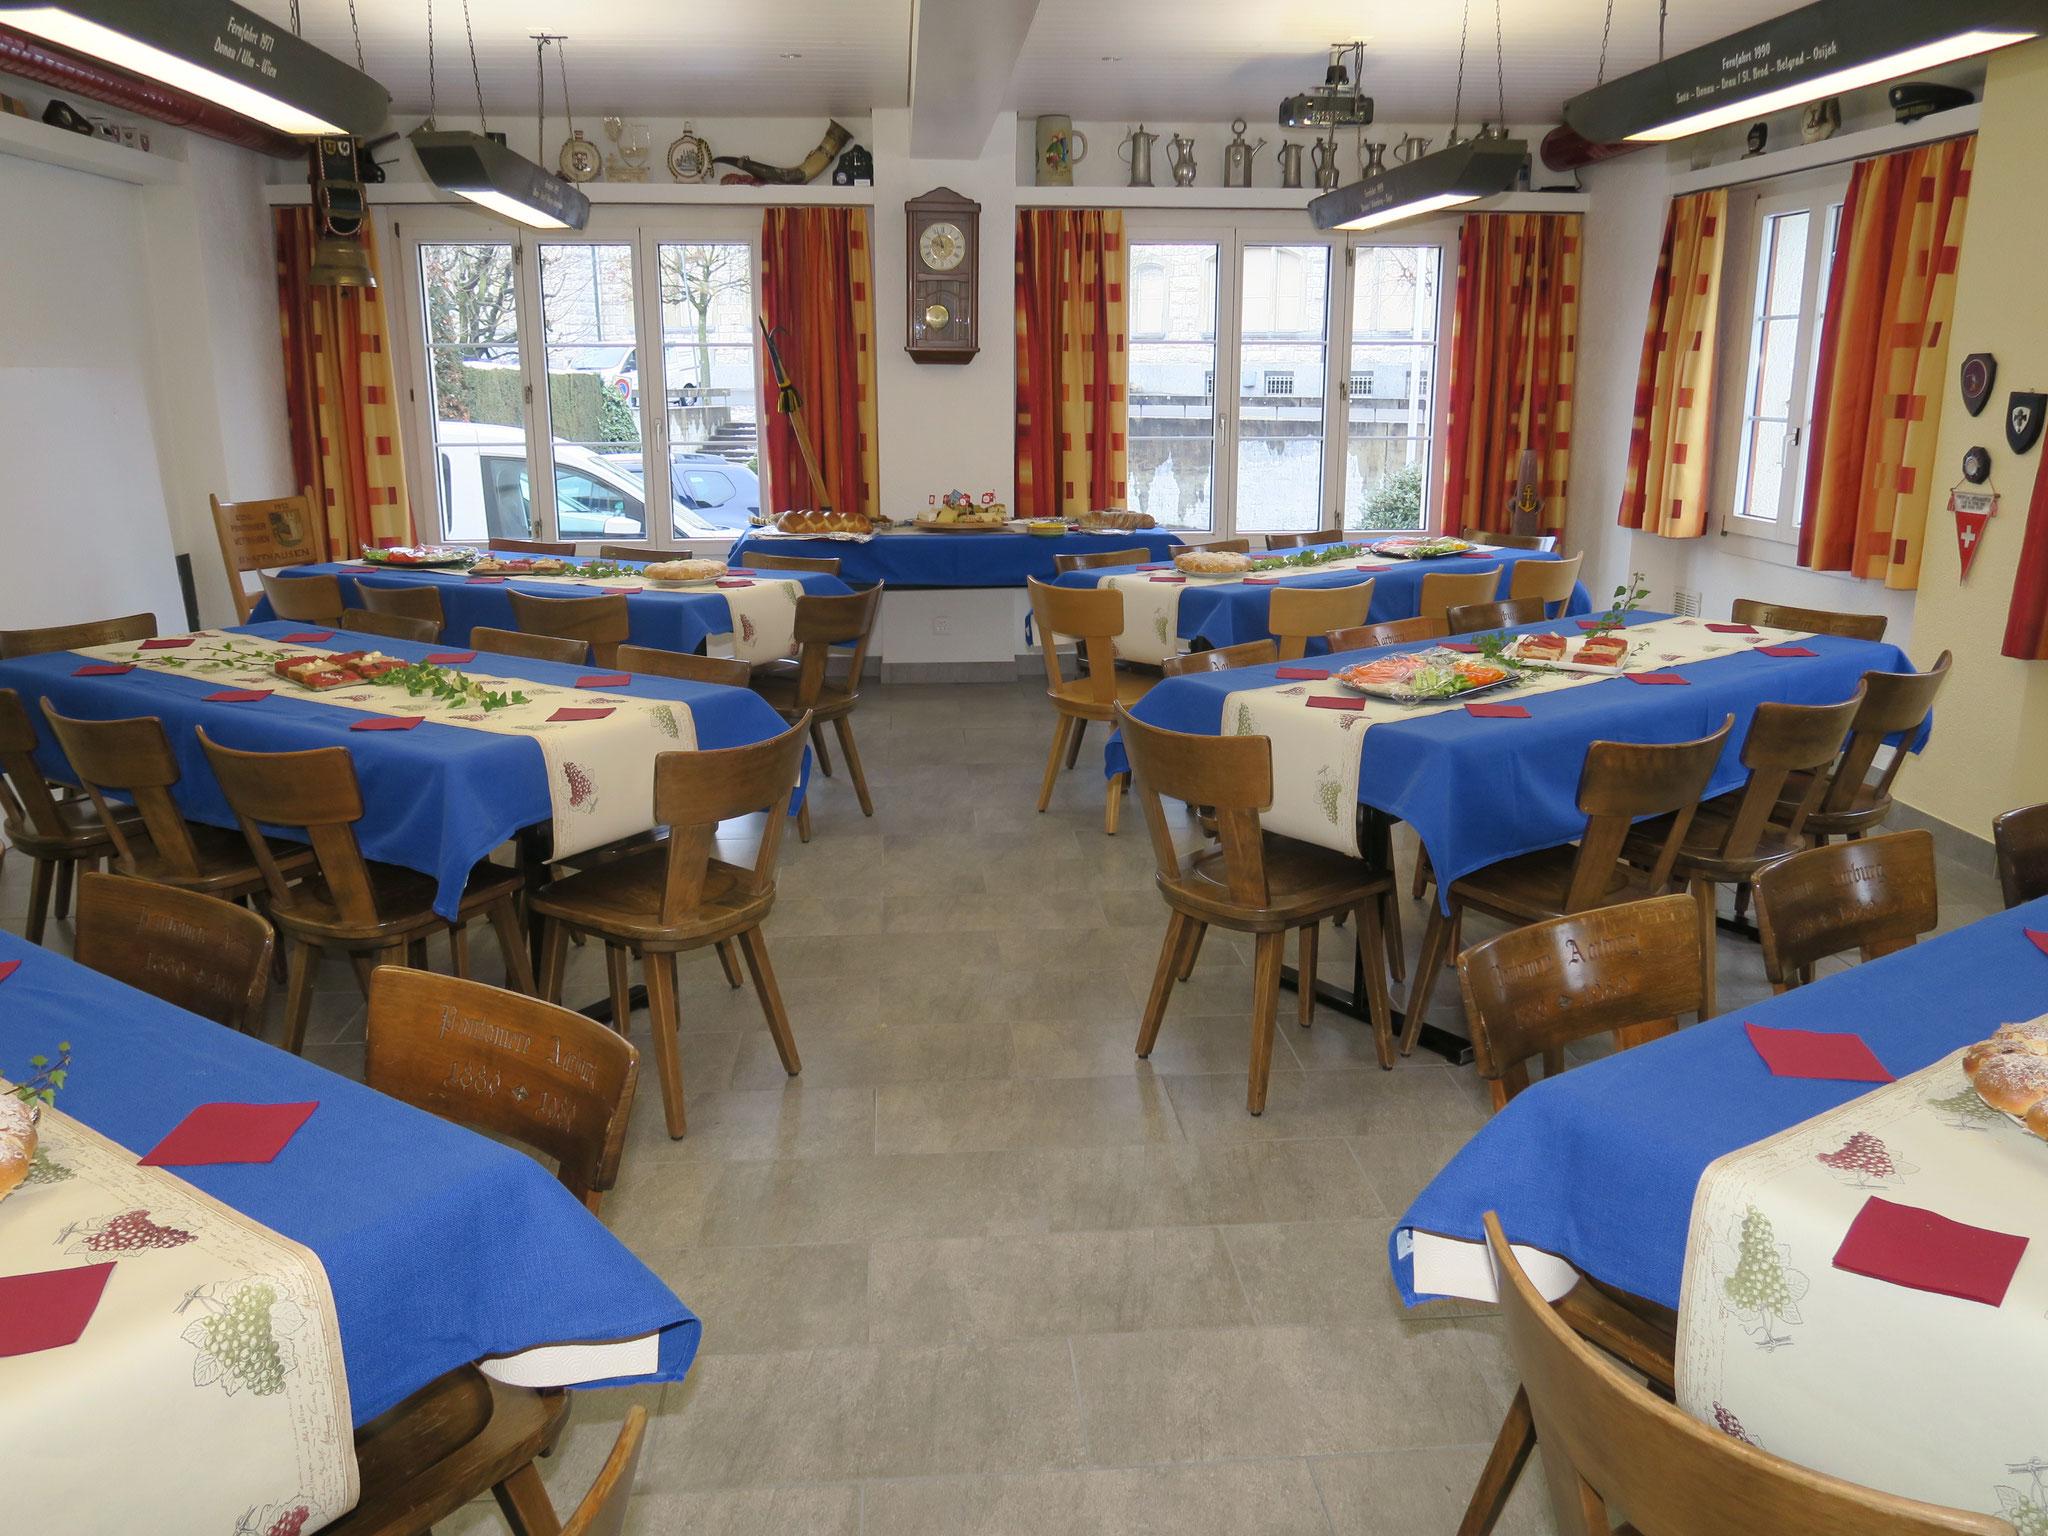 Alles ist bereit die Gäste können kommen.